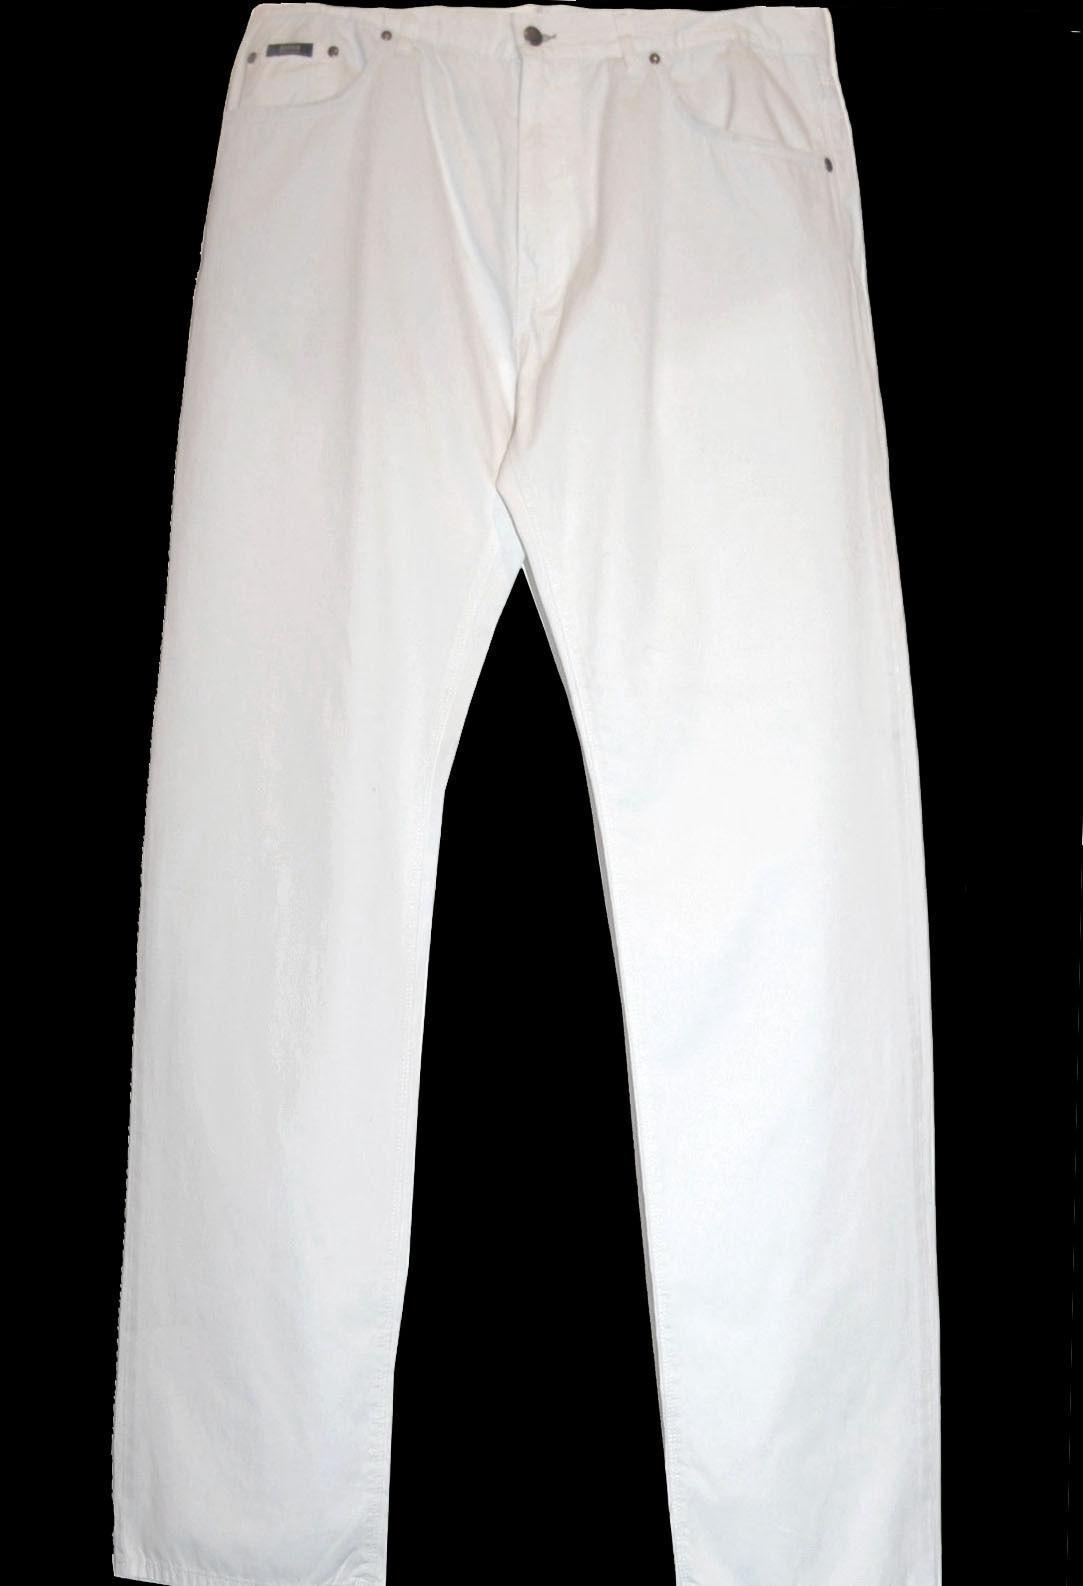 Hugo Boss Authentic White Cotton Men's Casual Pants Sz US W 38 L 32 NEW